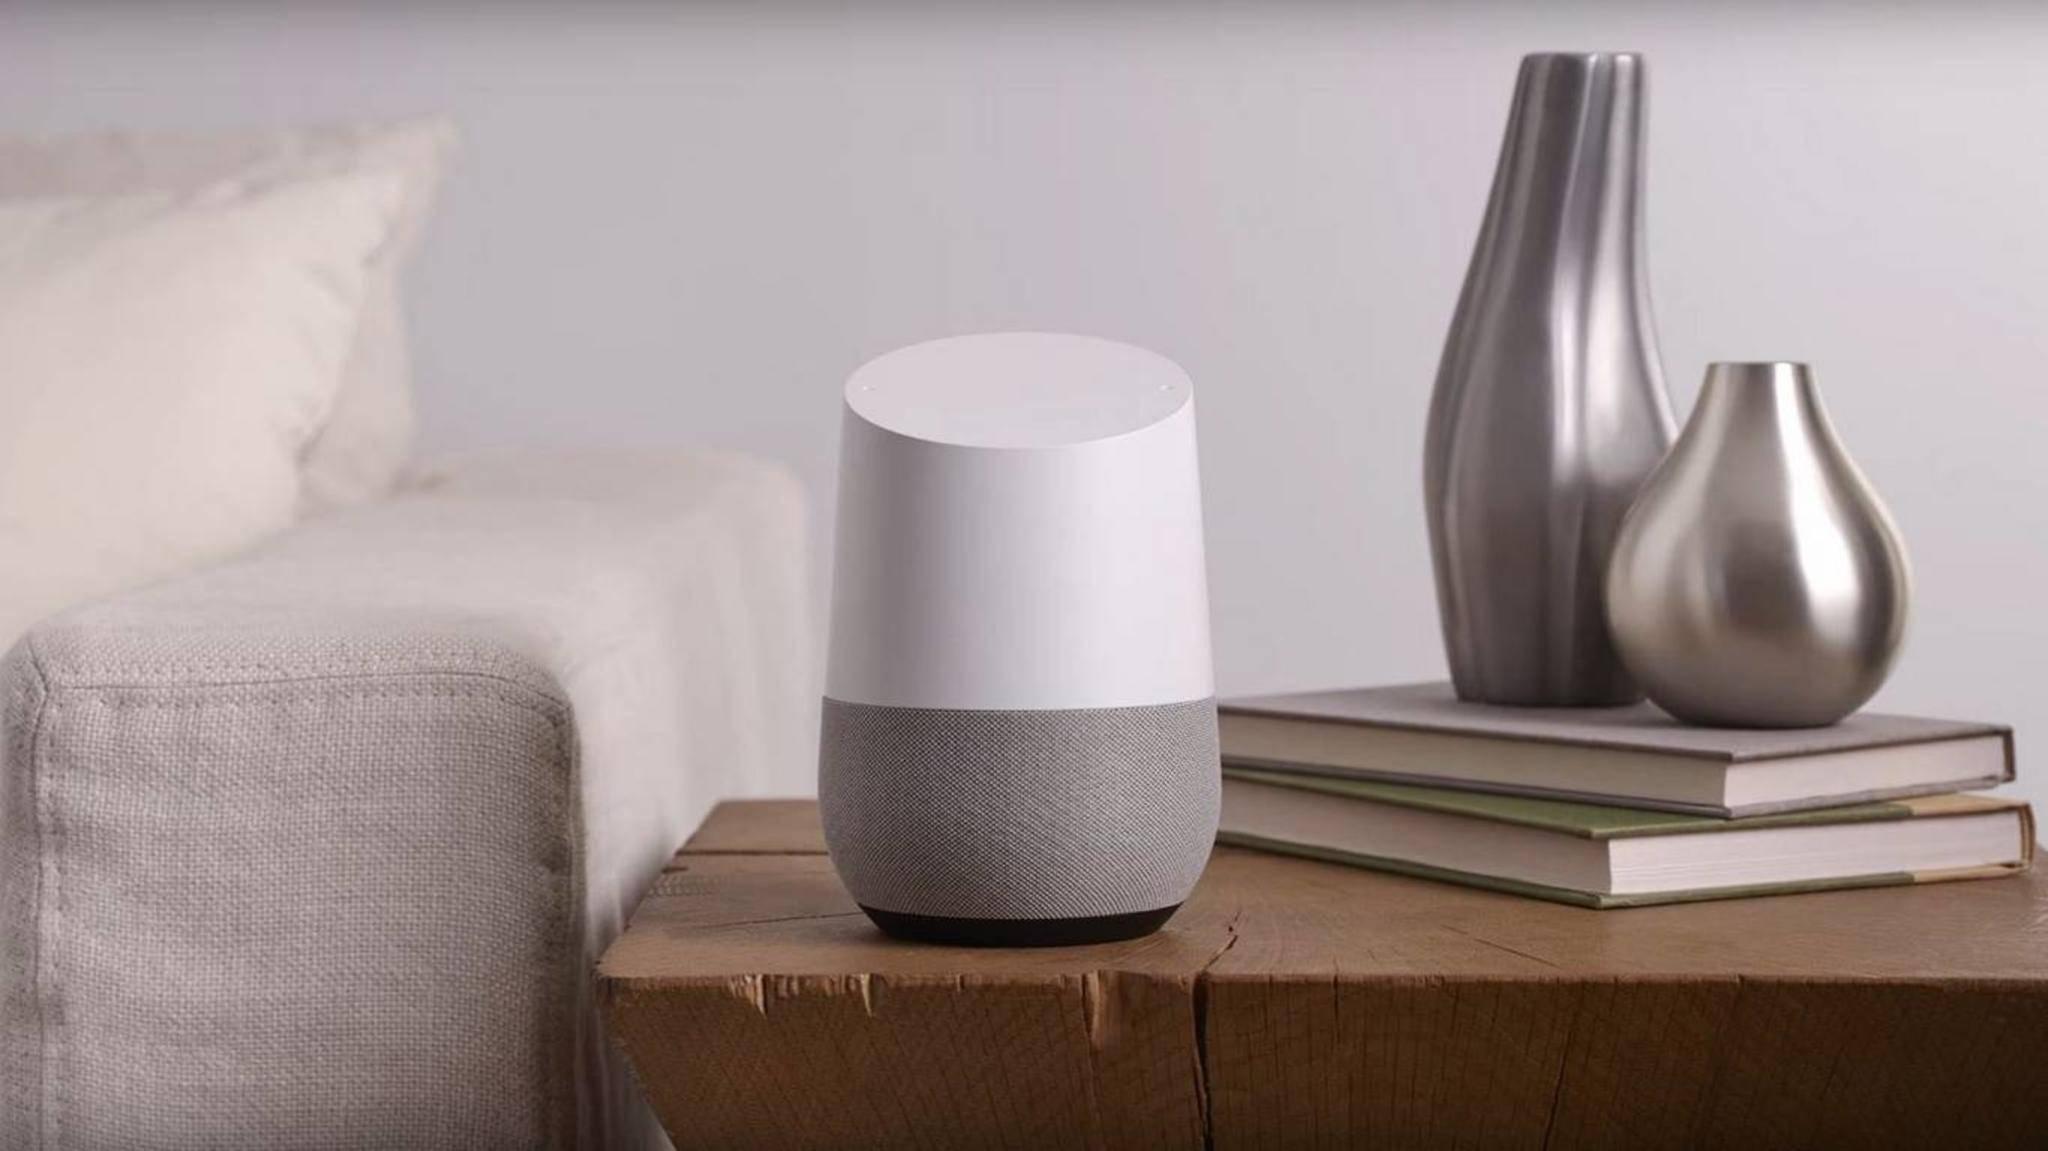 Google Home wetteifert mit Amazon Echo um den Platz im Wohnzimmer.